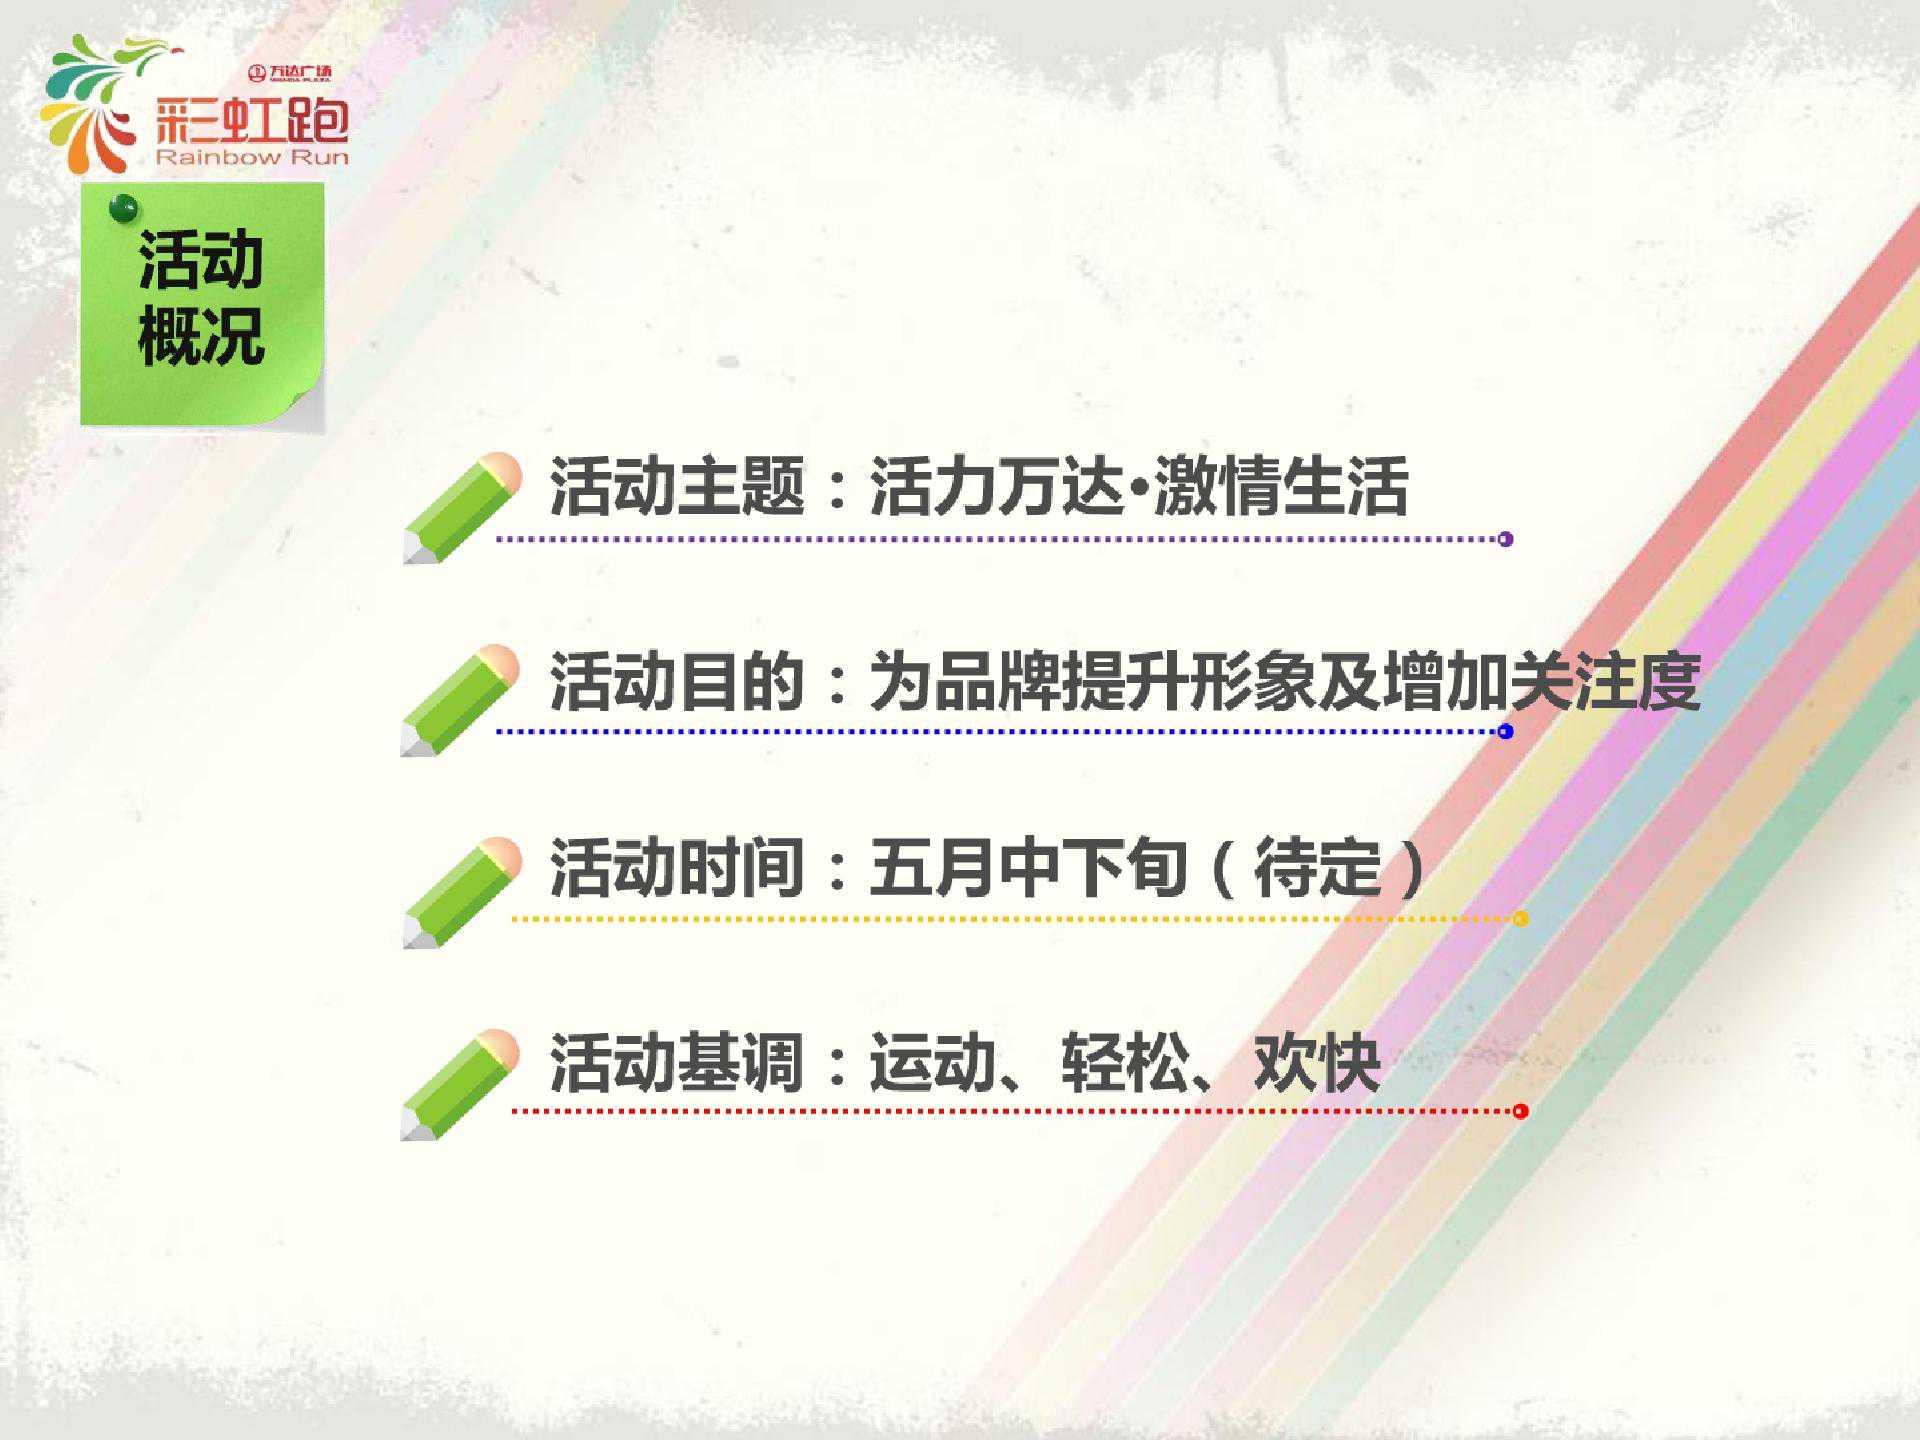 万达广场彩虹跑活动策划方案